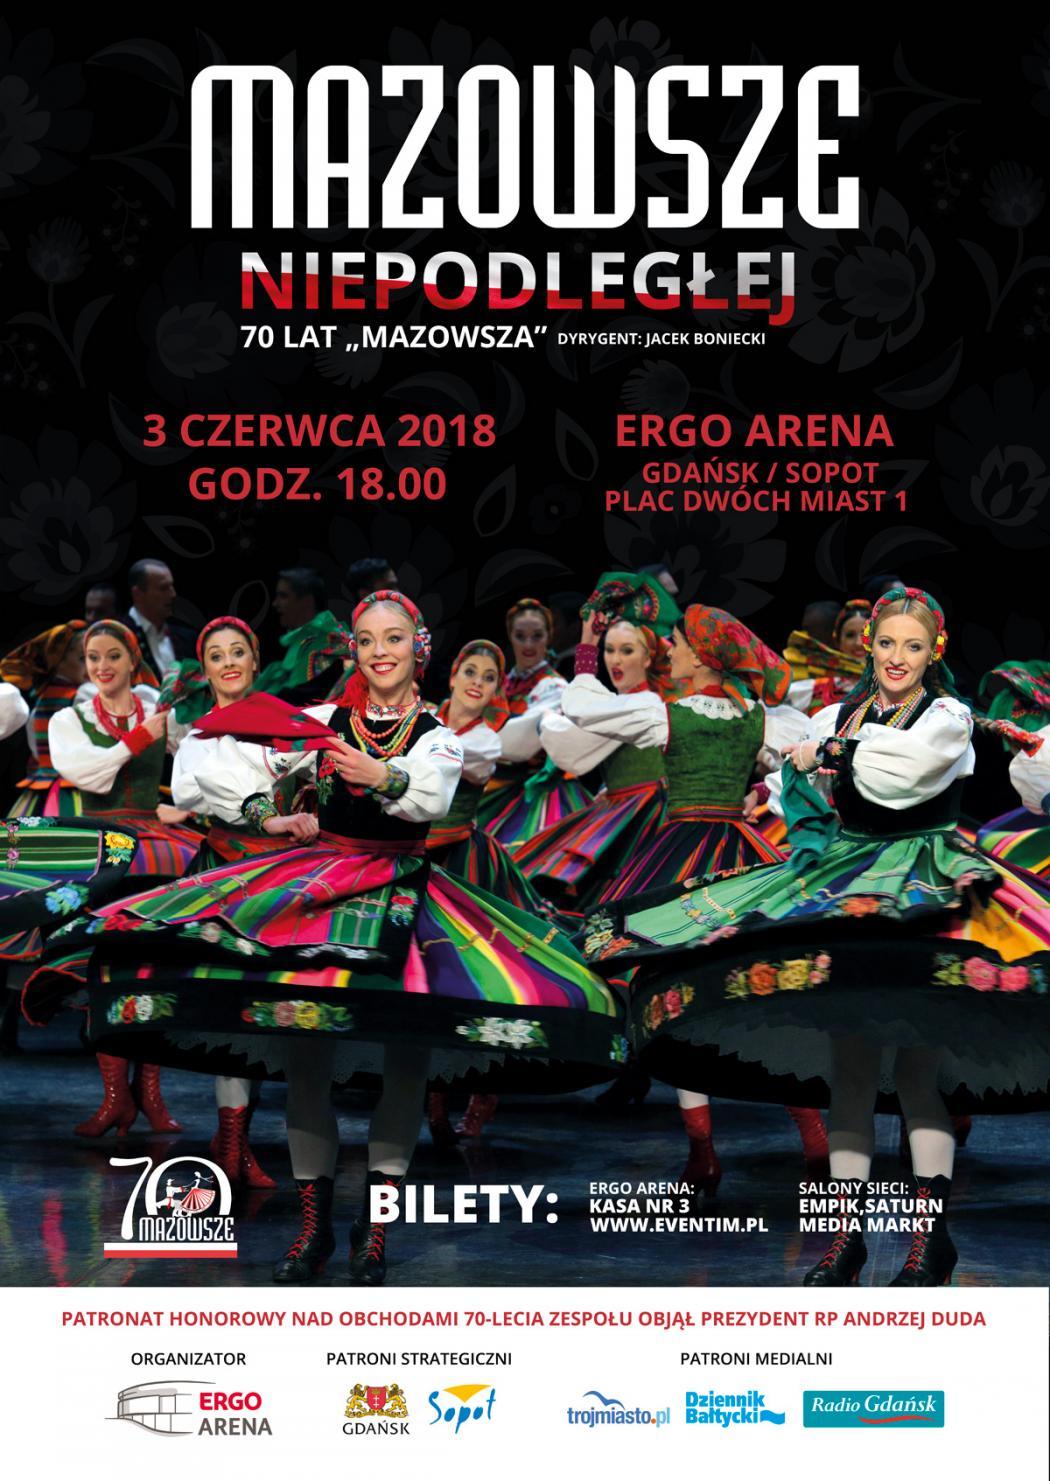 """magazynkobiet.pl - Mazowsze 1050x1481 - MAZOWSZE NIEPODLEGŁEJ - 70 lat """"Mazowsza"""""""